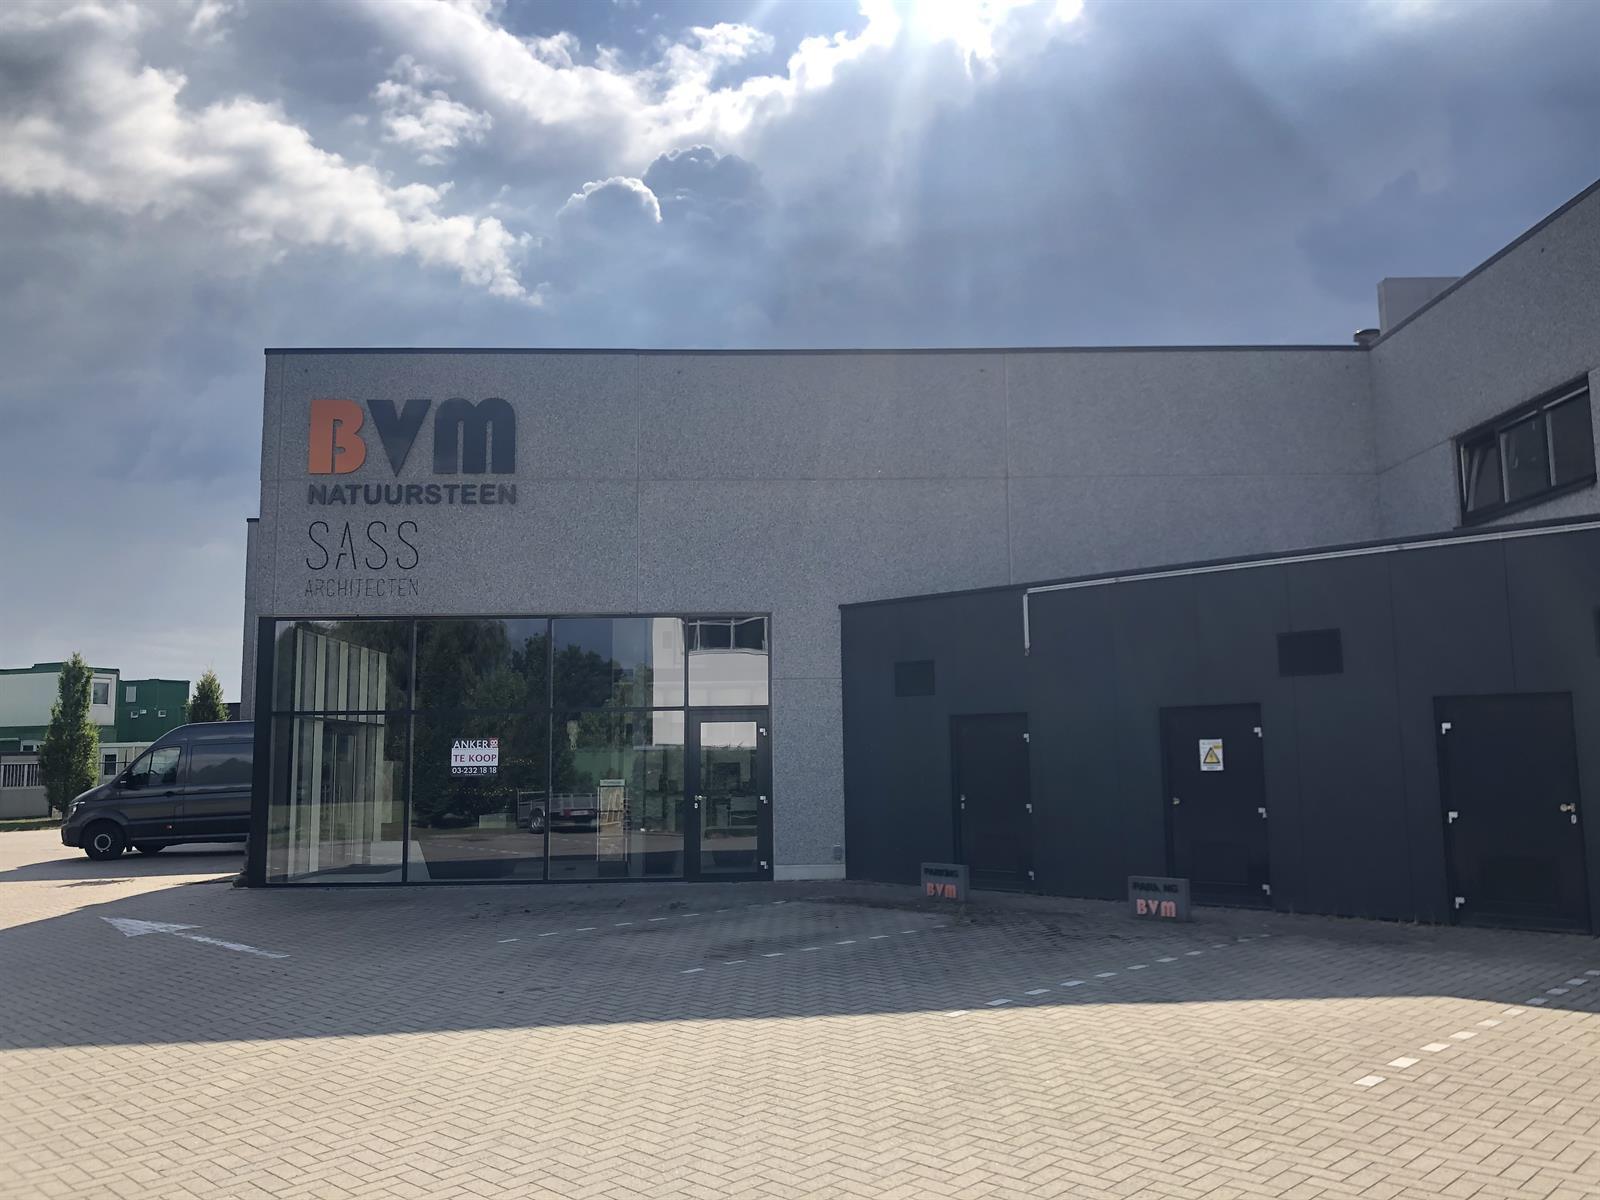 KMO-unit te koop I124 - Schoenstraat 11 K, 9140 Temse, België 19